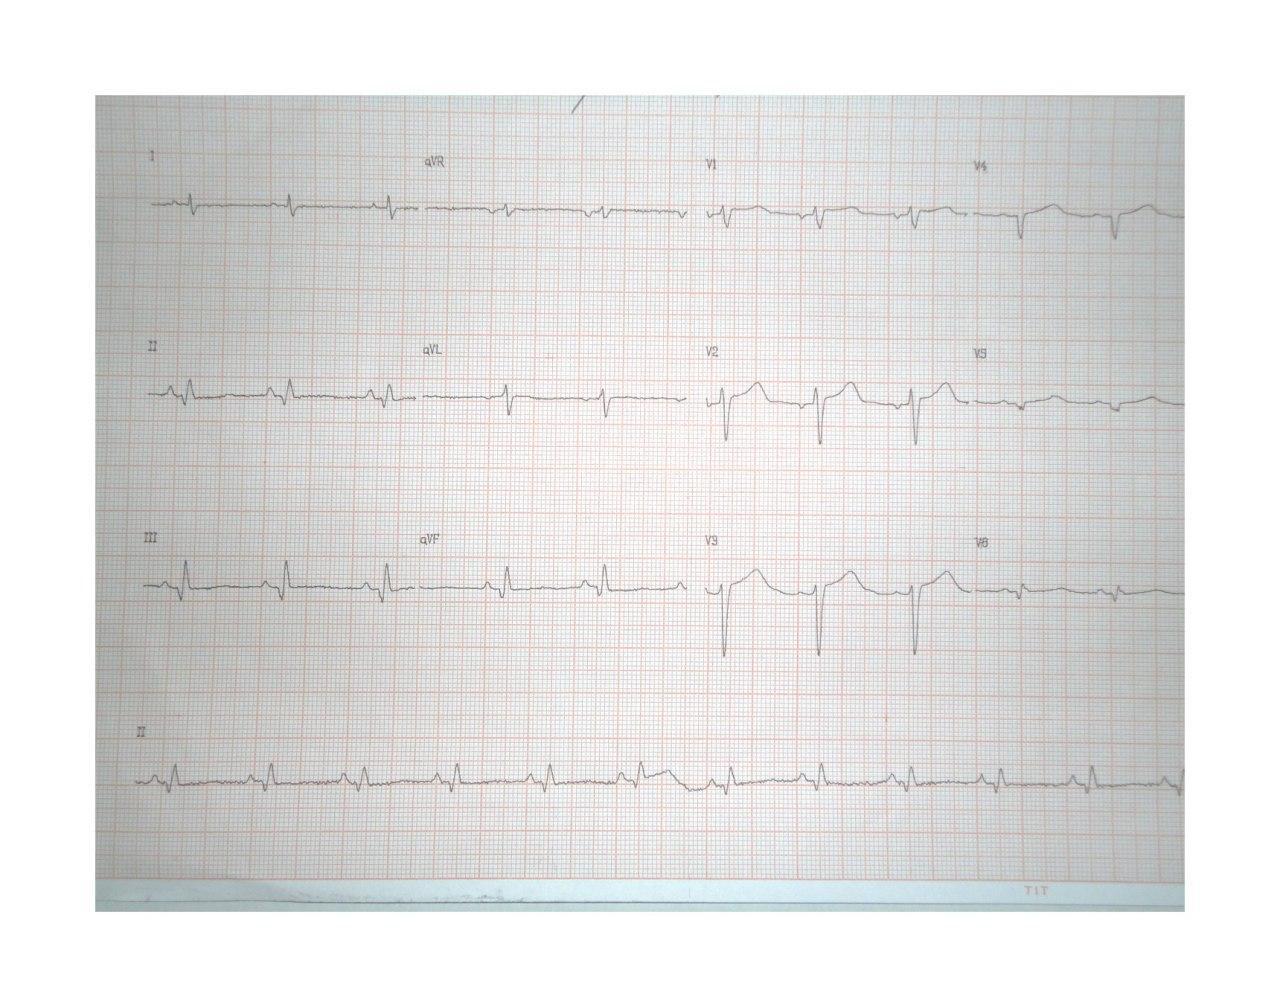 Paciente masculino portador de miocardiopatía crónica chagásica que presentó episodio sincopal por taquicardia de QRS ancho que se controla con CVE observándose en el ECG área de necrosis o fibrosis ínferolateral y presencia de aneurisma con trombo apical